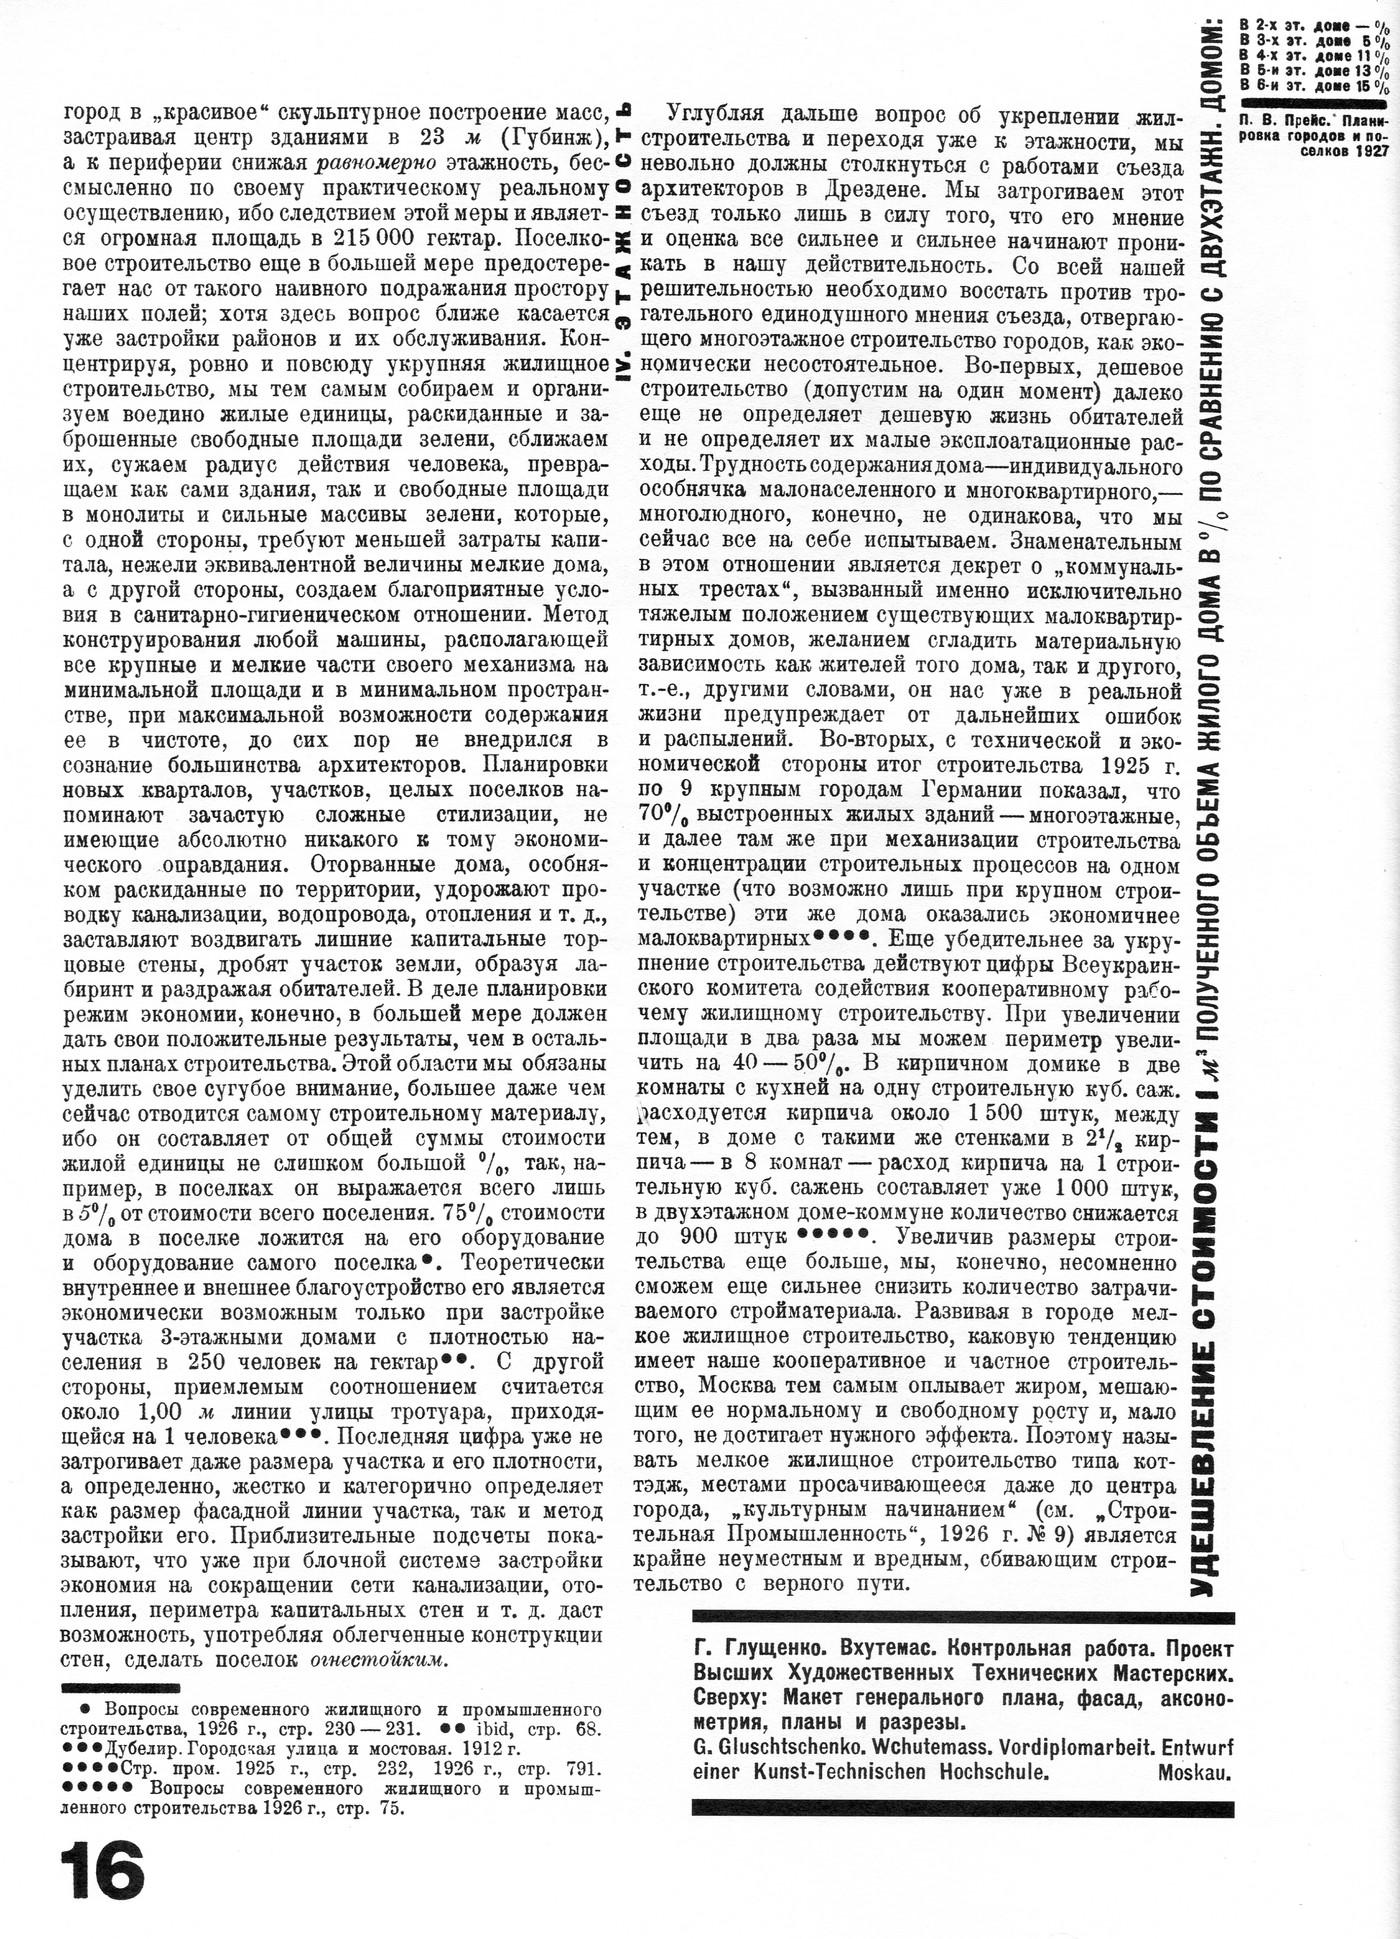 tehne.com-1927-1-020